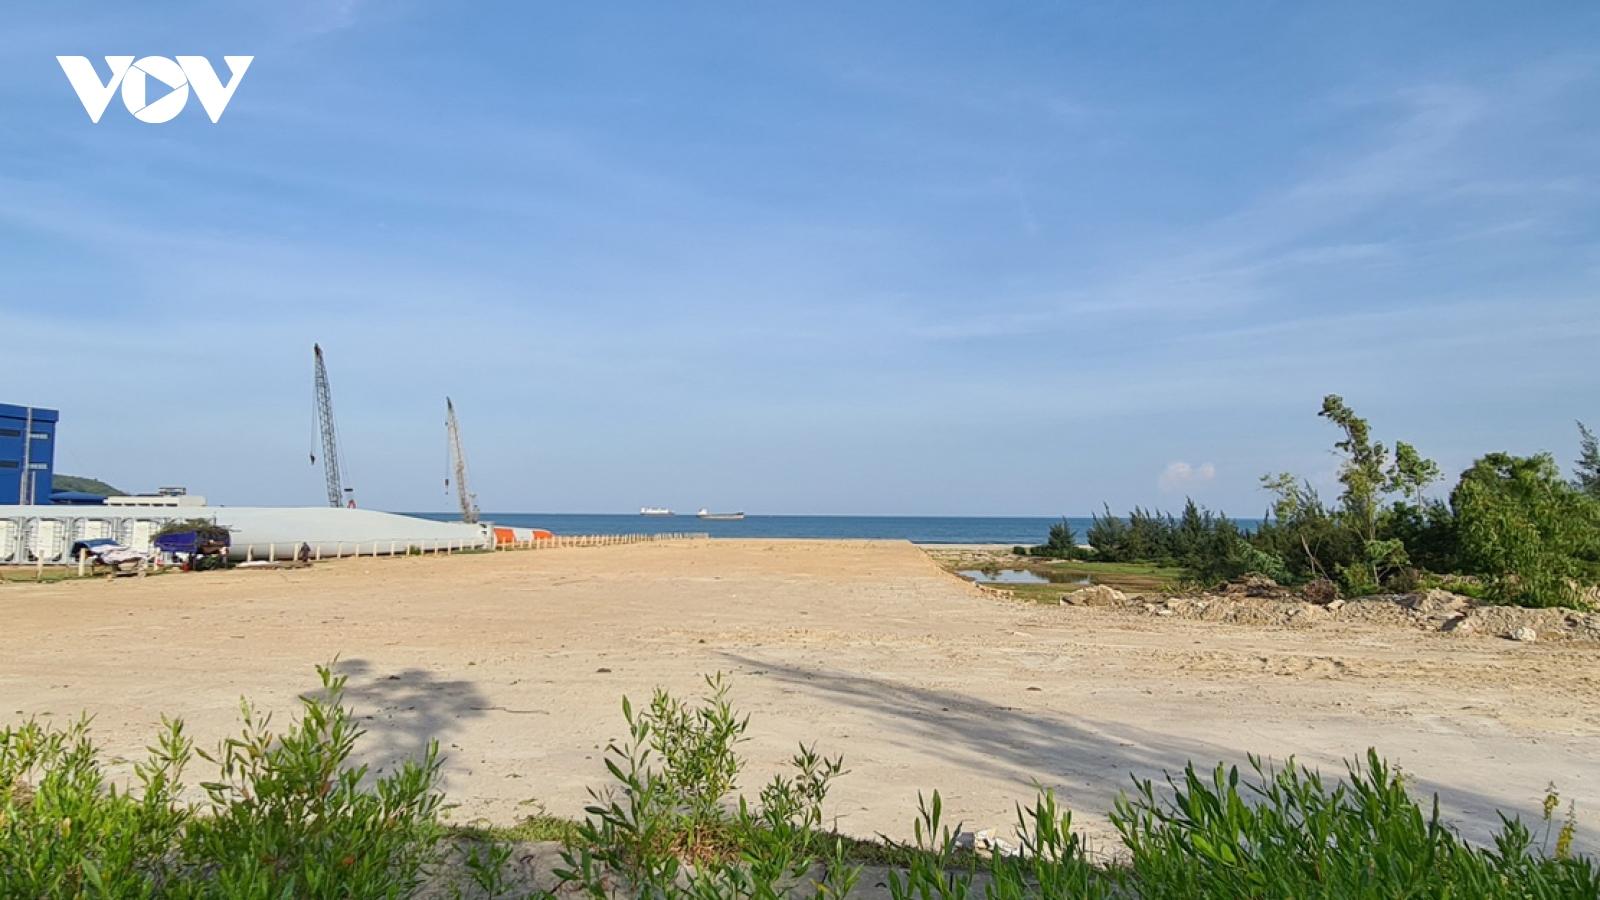 Xây nhà máy chế biến bột cá gần khu mộ Đại tướng Võ Nguyên Giáp sẽ gây ô nhiễm môi trường?